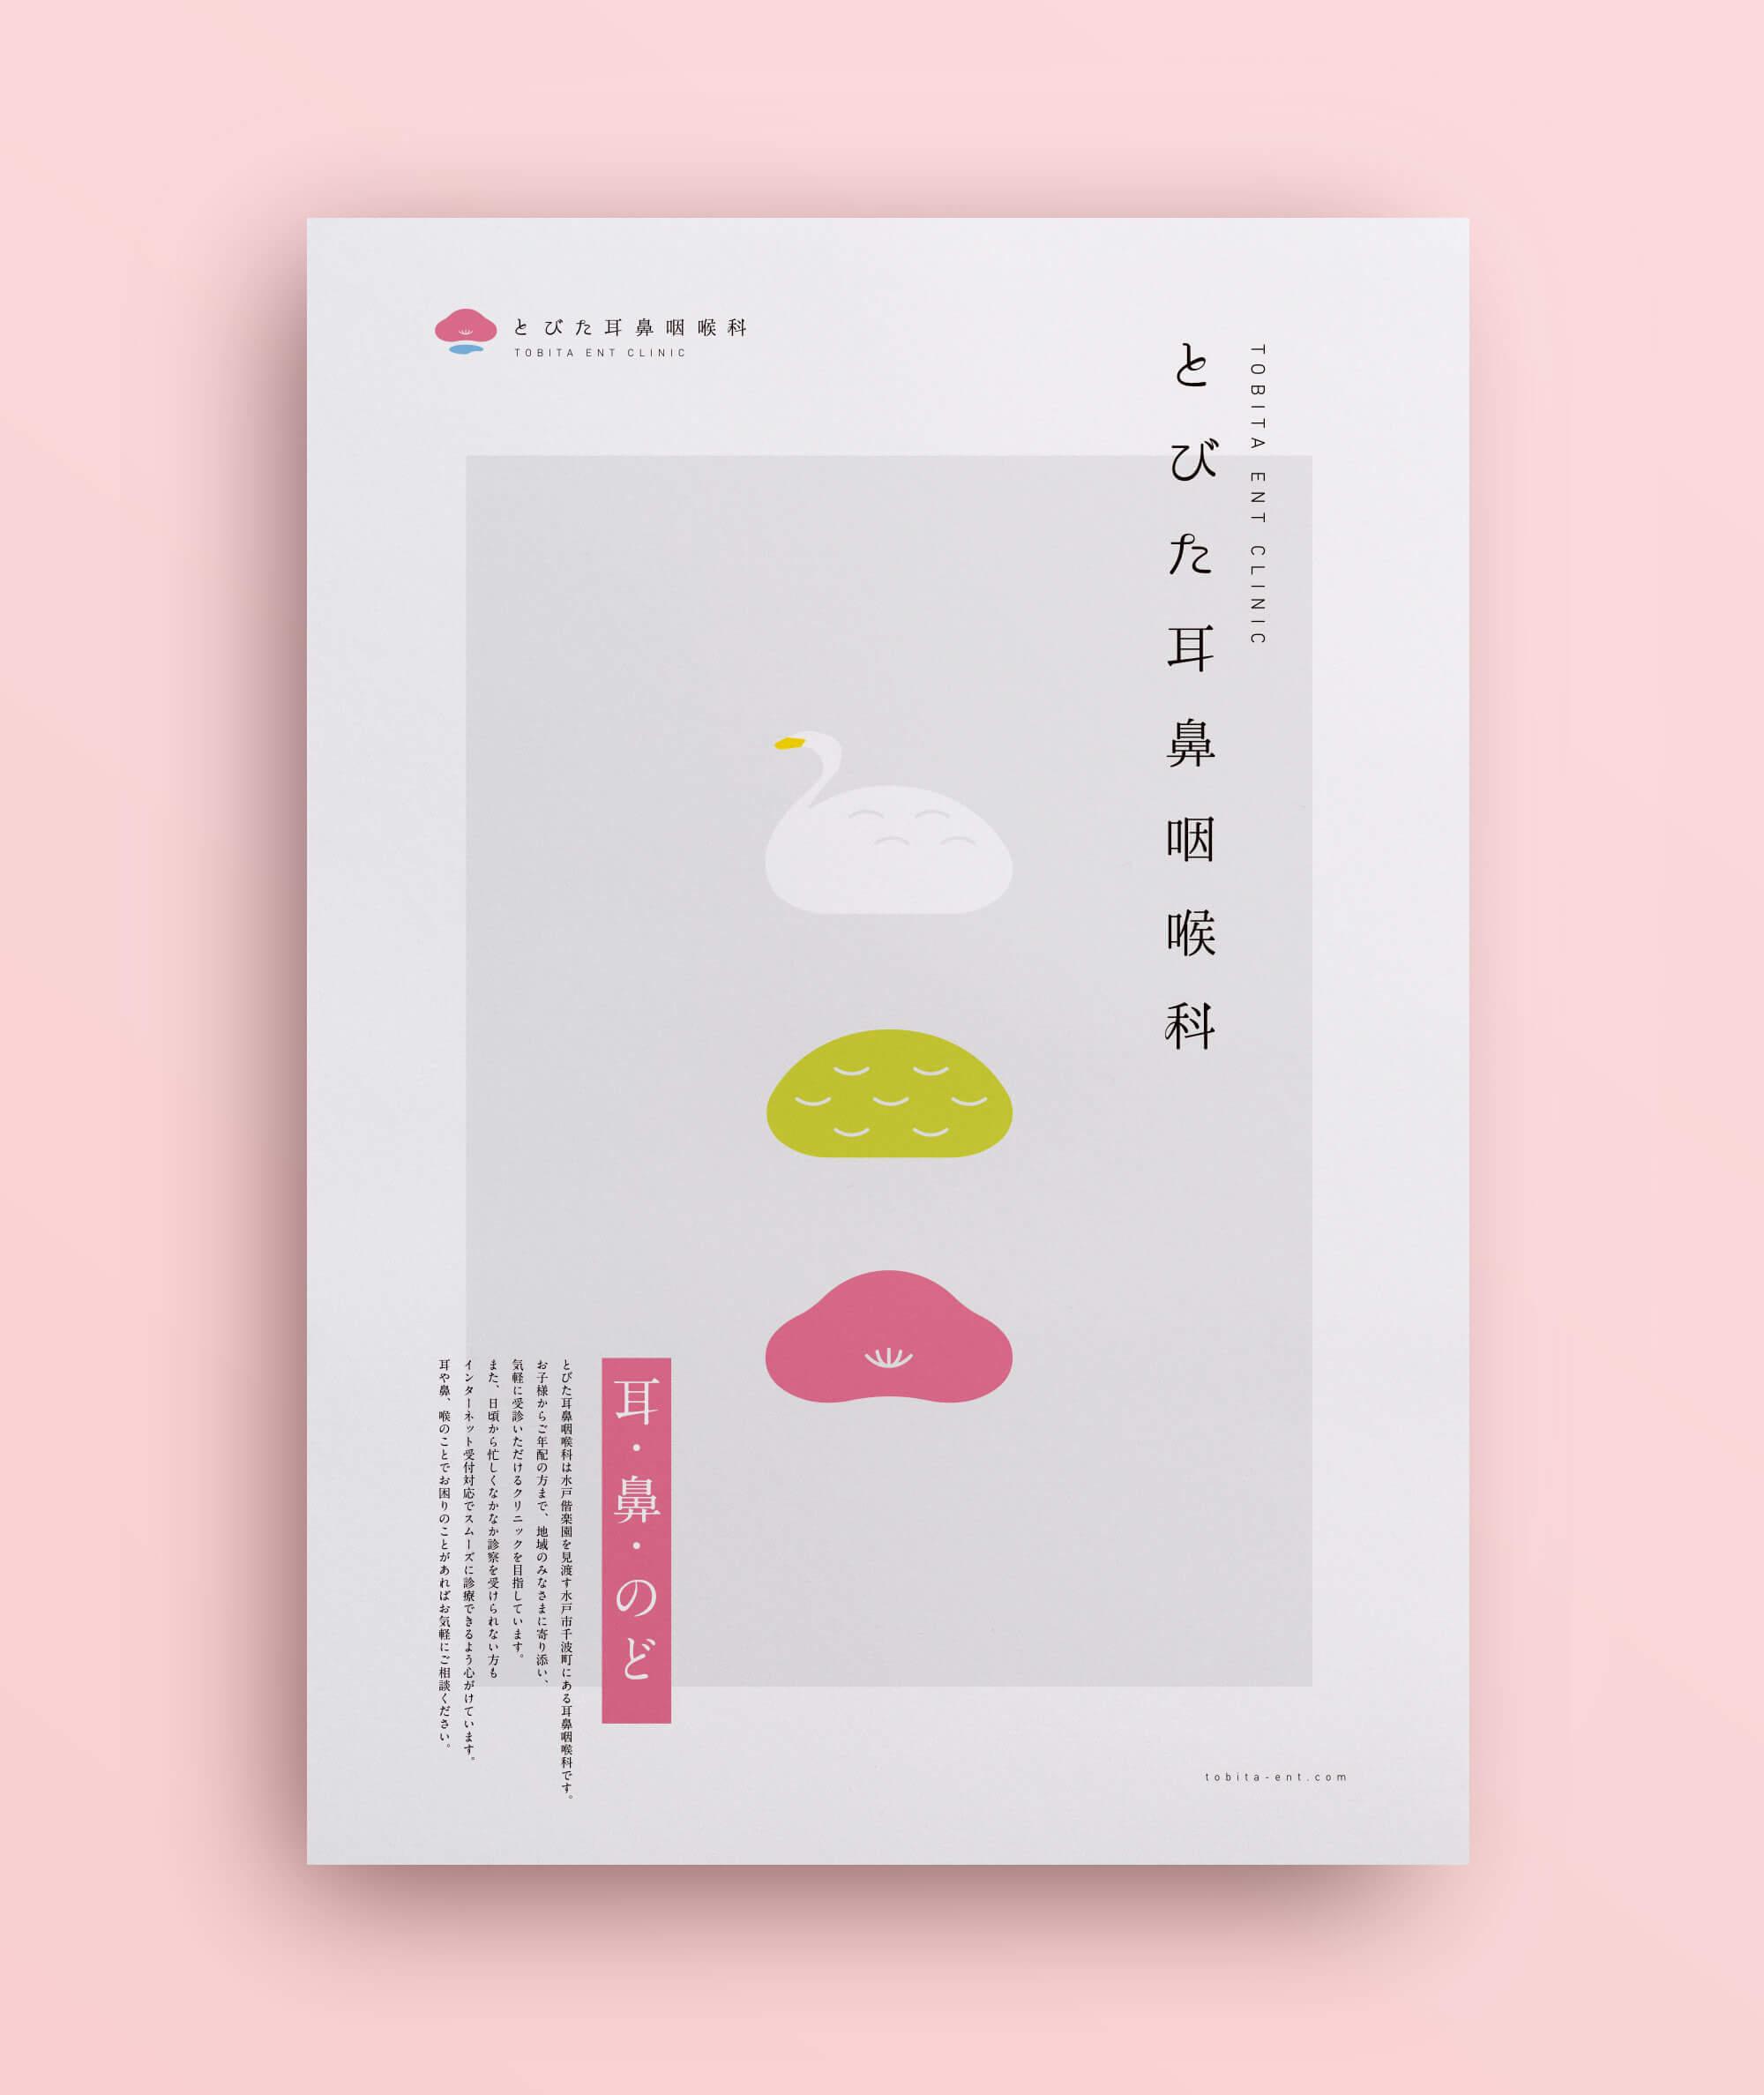 とびた耳鼻咽喉科様|ポスターデザイン